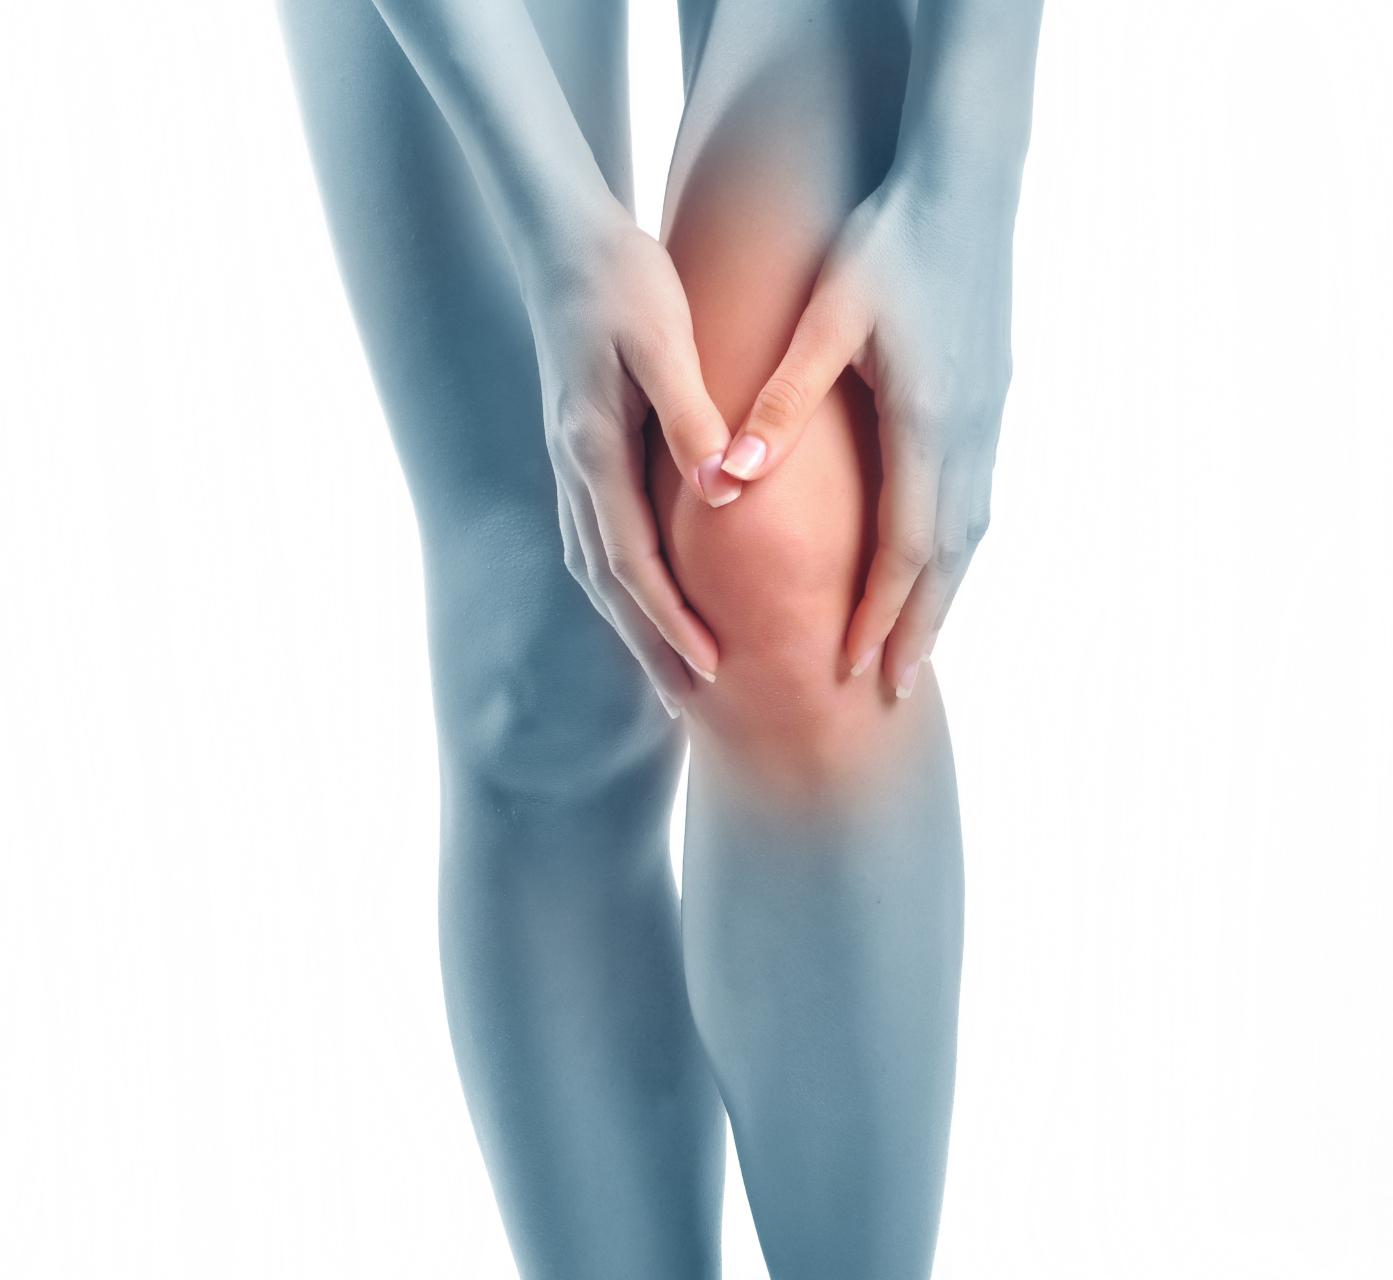 peties sąnario skausmas iš kompiuterio artritas ir artrozė gydymo apžvalgų